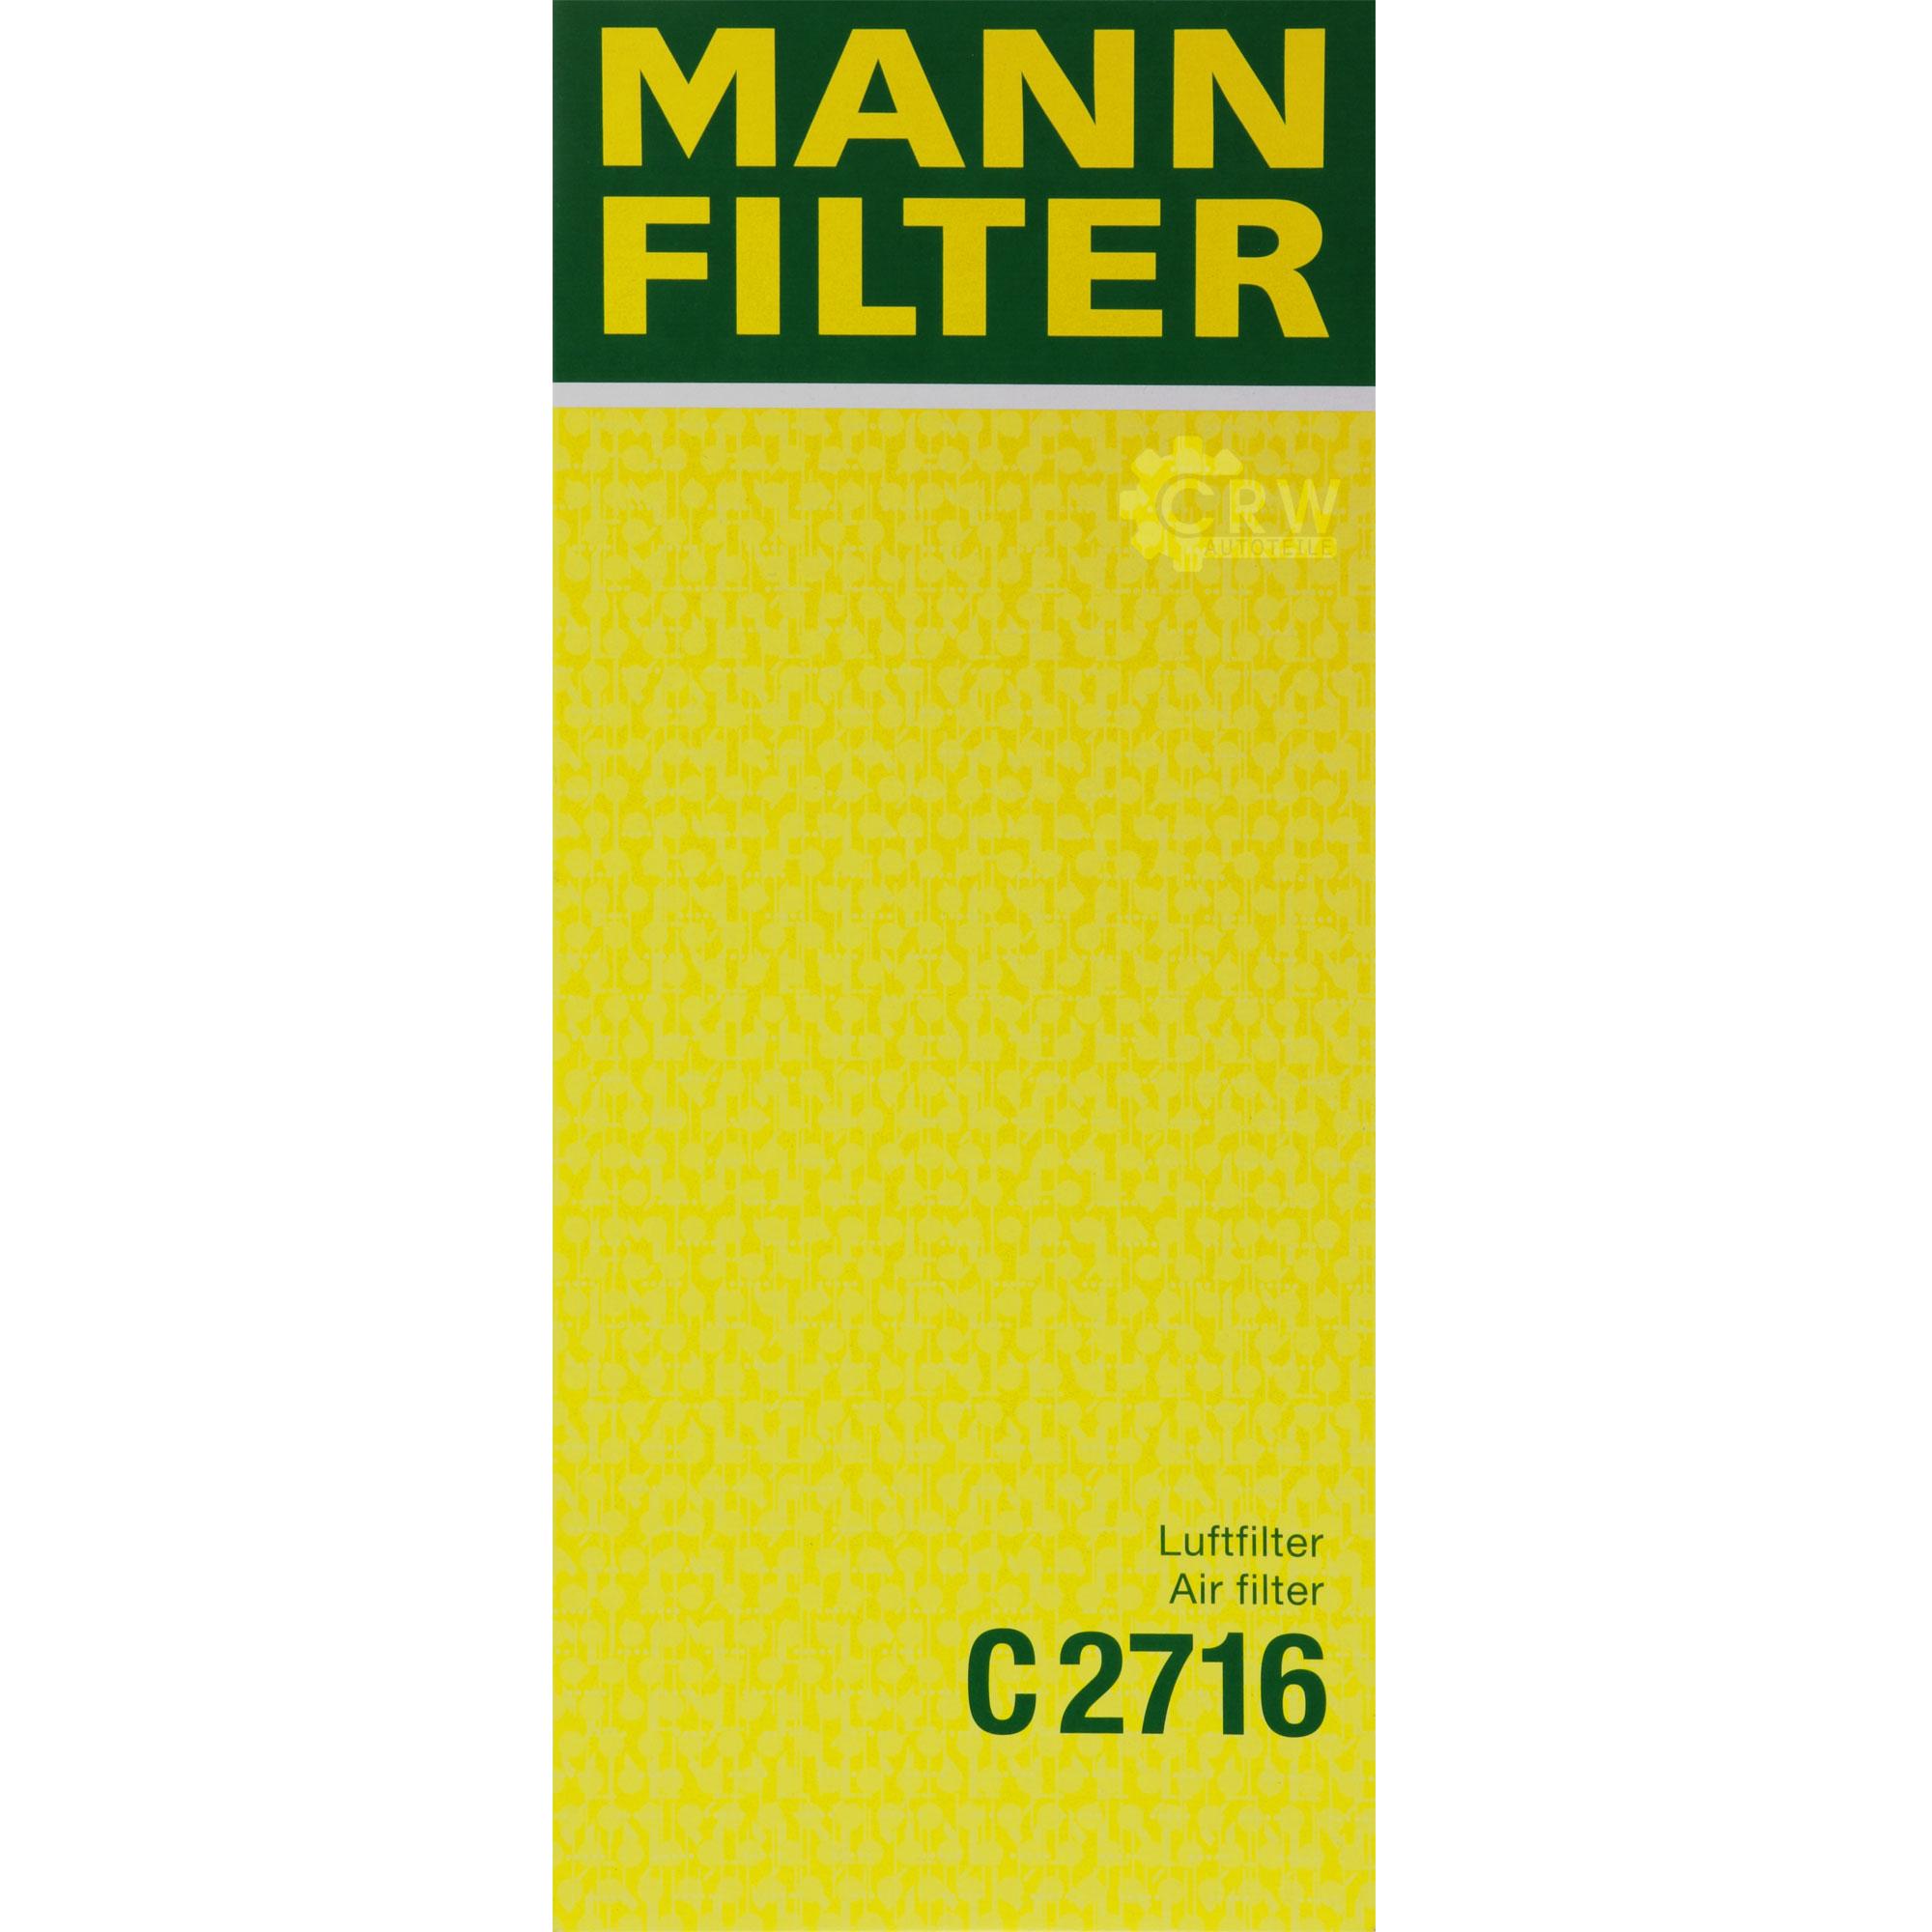 Inspektionspaket-5L-Mercedes-Ol-229-51-5W30-MANN-Filterpaket-11104094 Indexbild 8